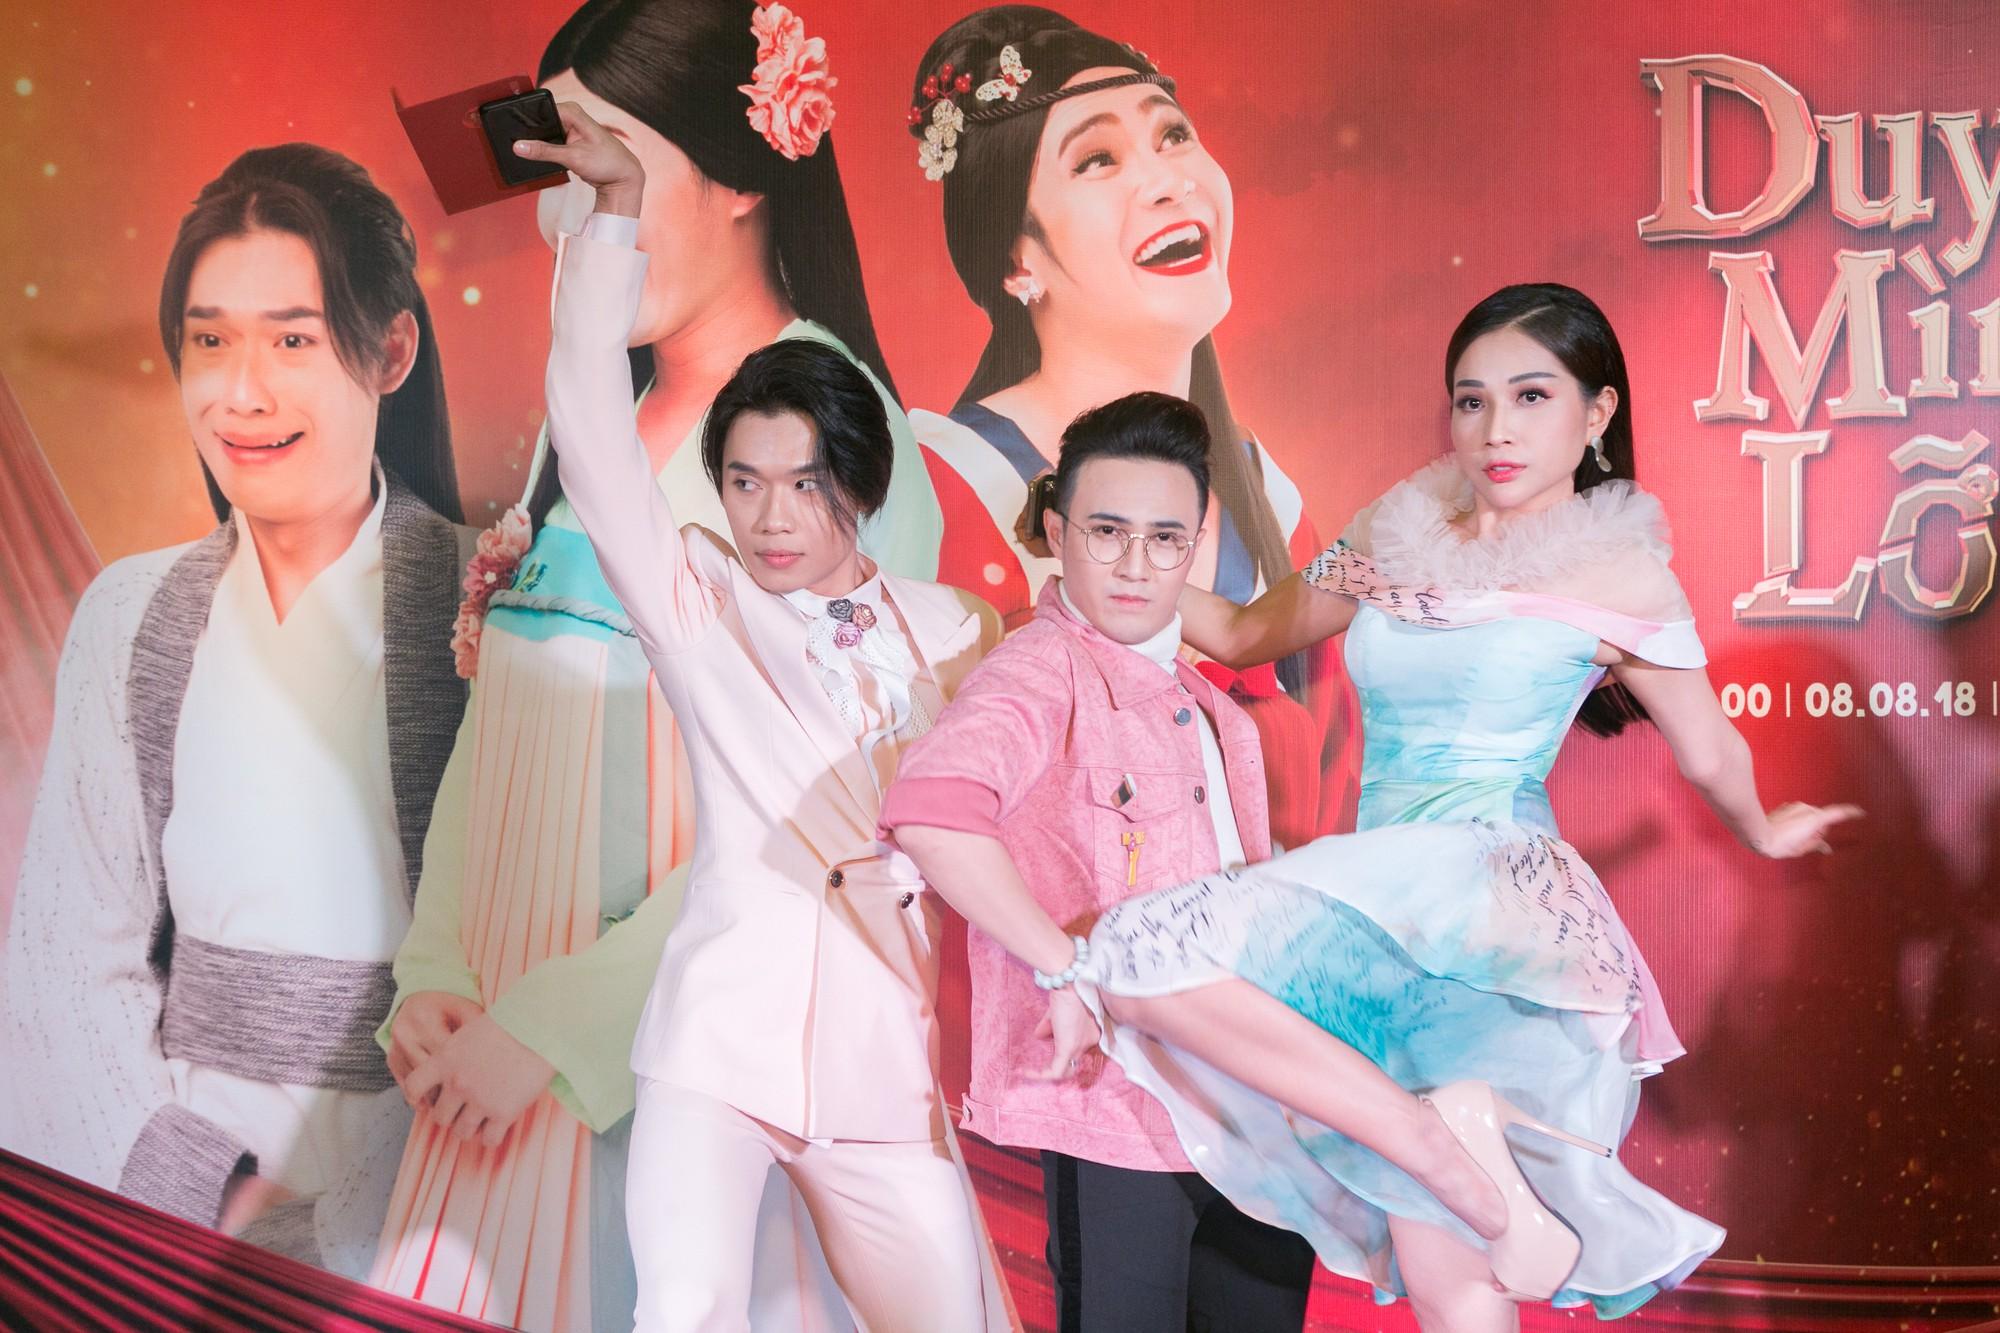 Sau ồn ào phát ngôn đẻ con gây tranh cãi, vợ chồng Lâm Khánh Chi tình tứ đi sự kiện - Ảnh 4.